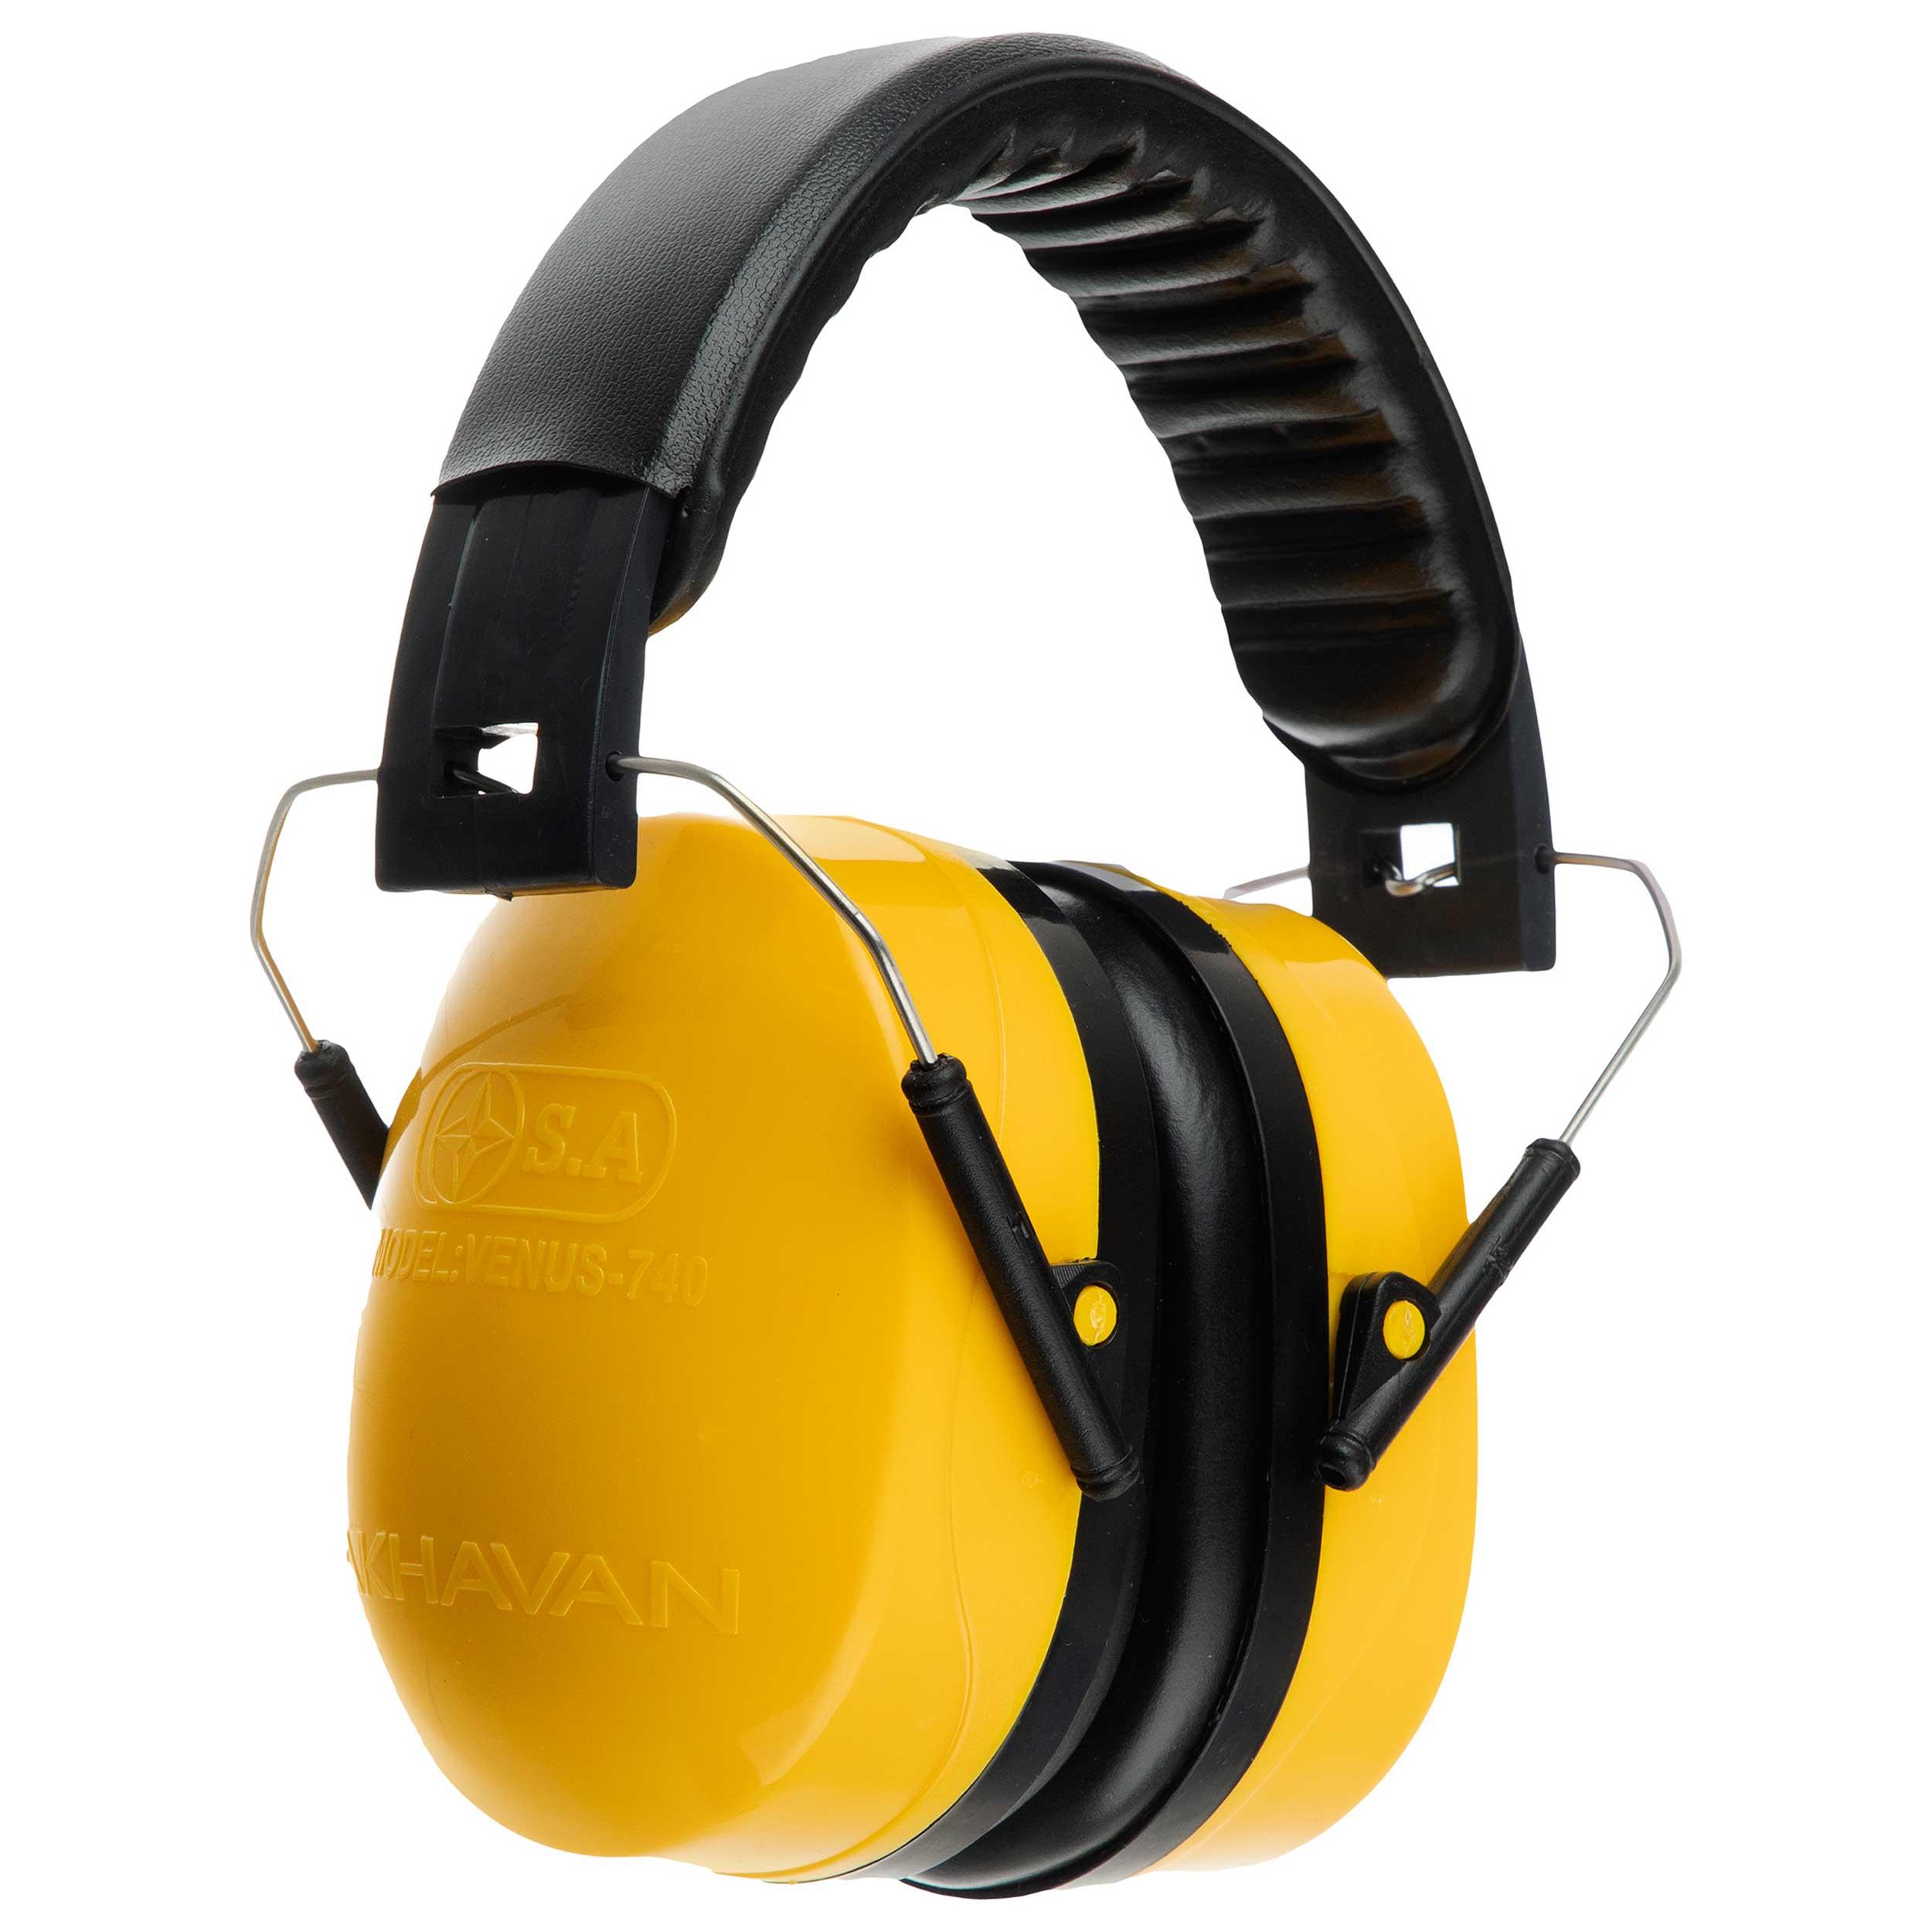 محافظ گوش اخوان مدل ونوس کد 740